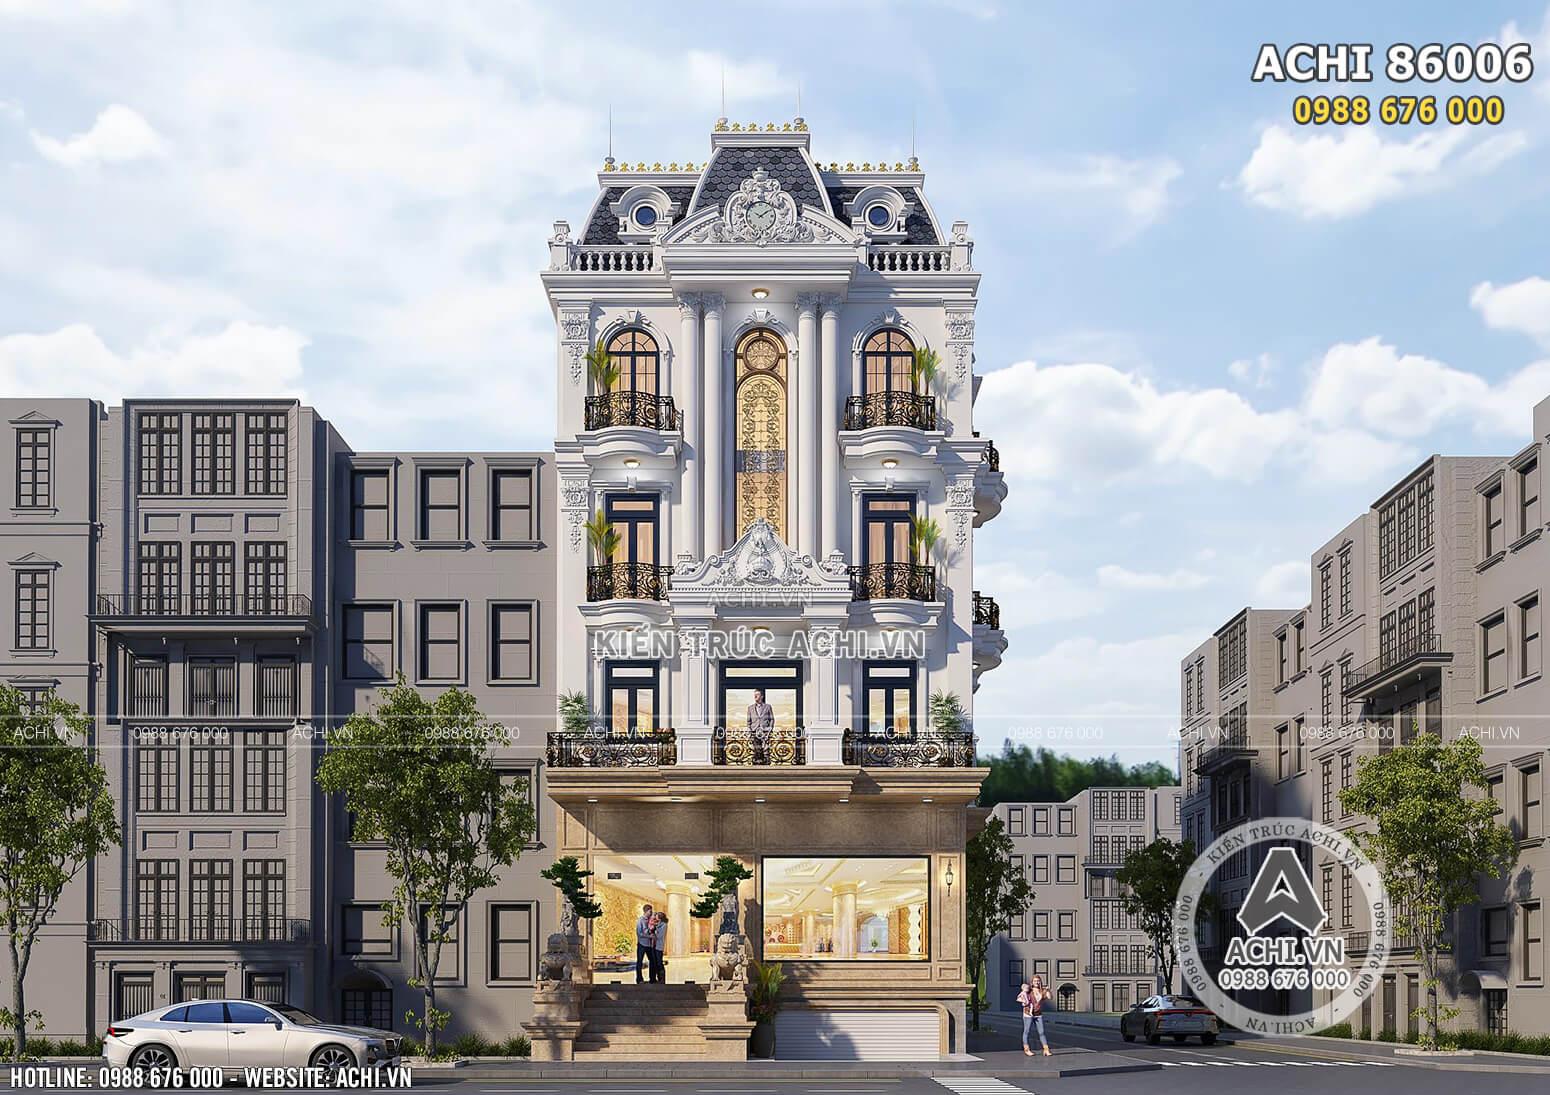 Không gian mặt tiền mẫu thiết kế biệt thự nhà phố tân cổ điển